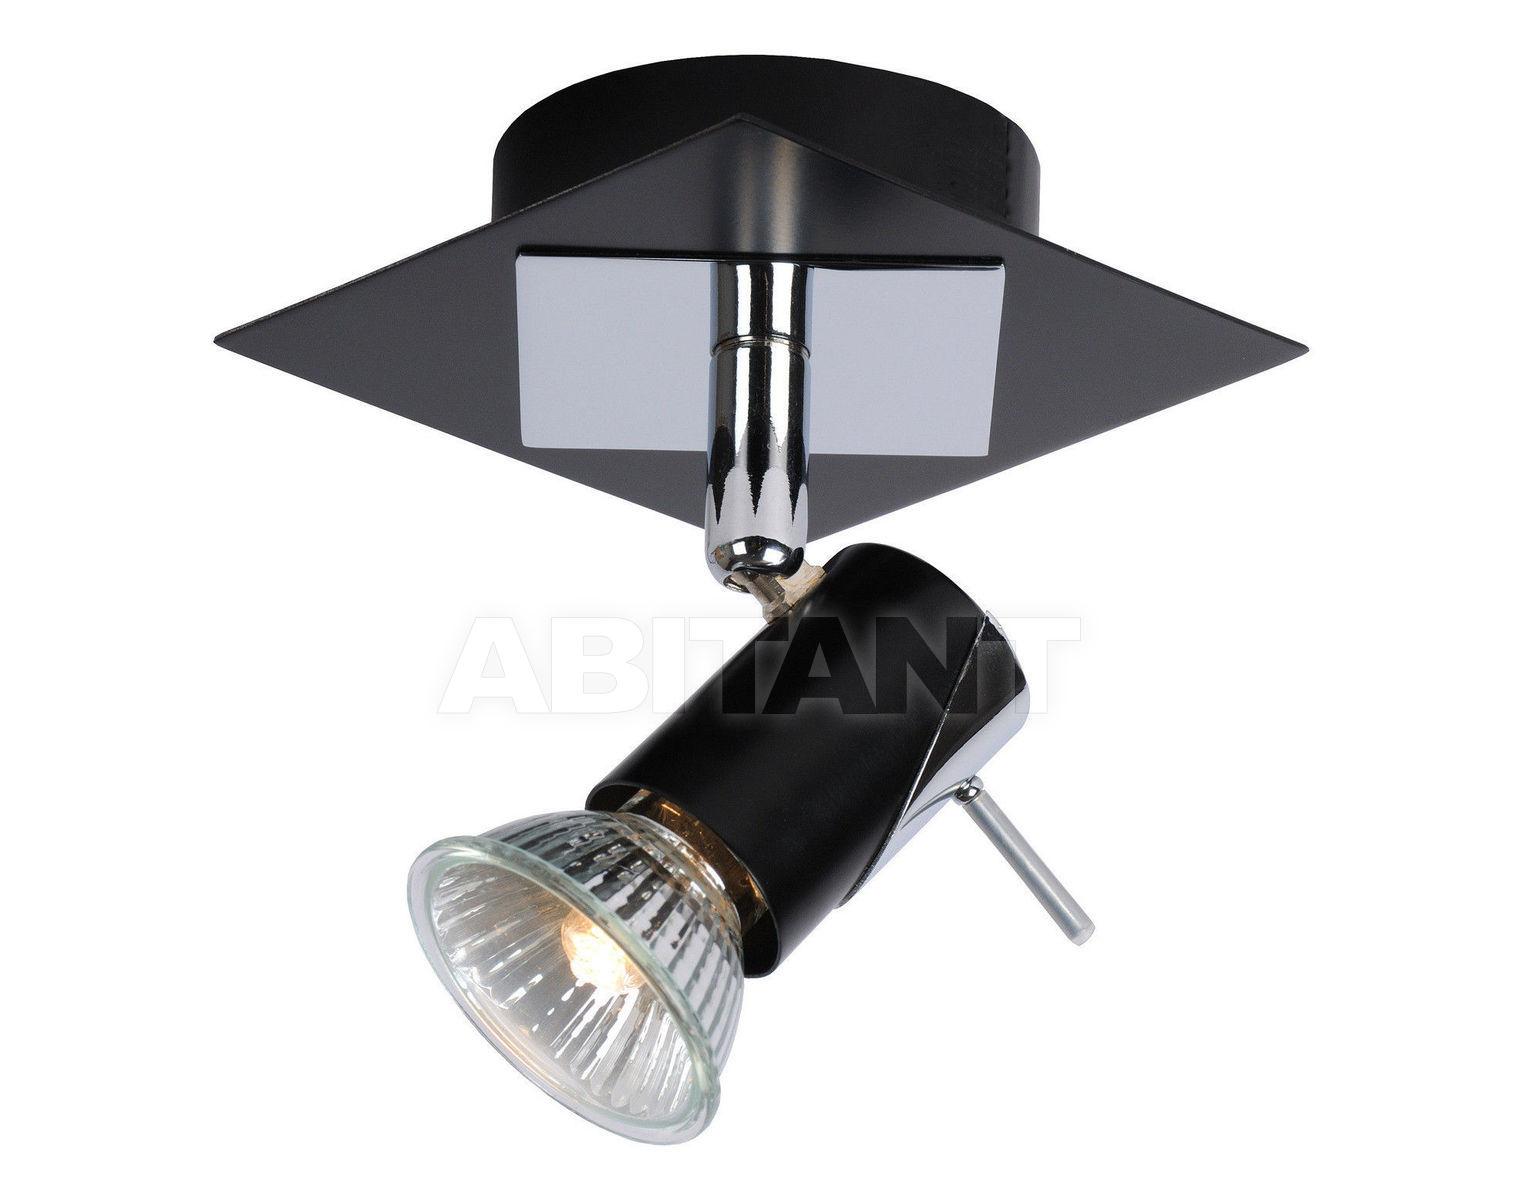 Купить Светильник-спот BRACKX Lucide  Ceiling & Wall Lights 12910/21/30